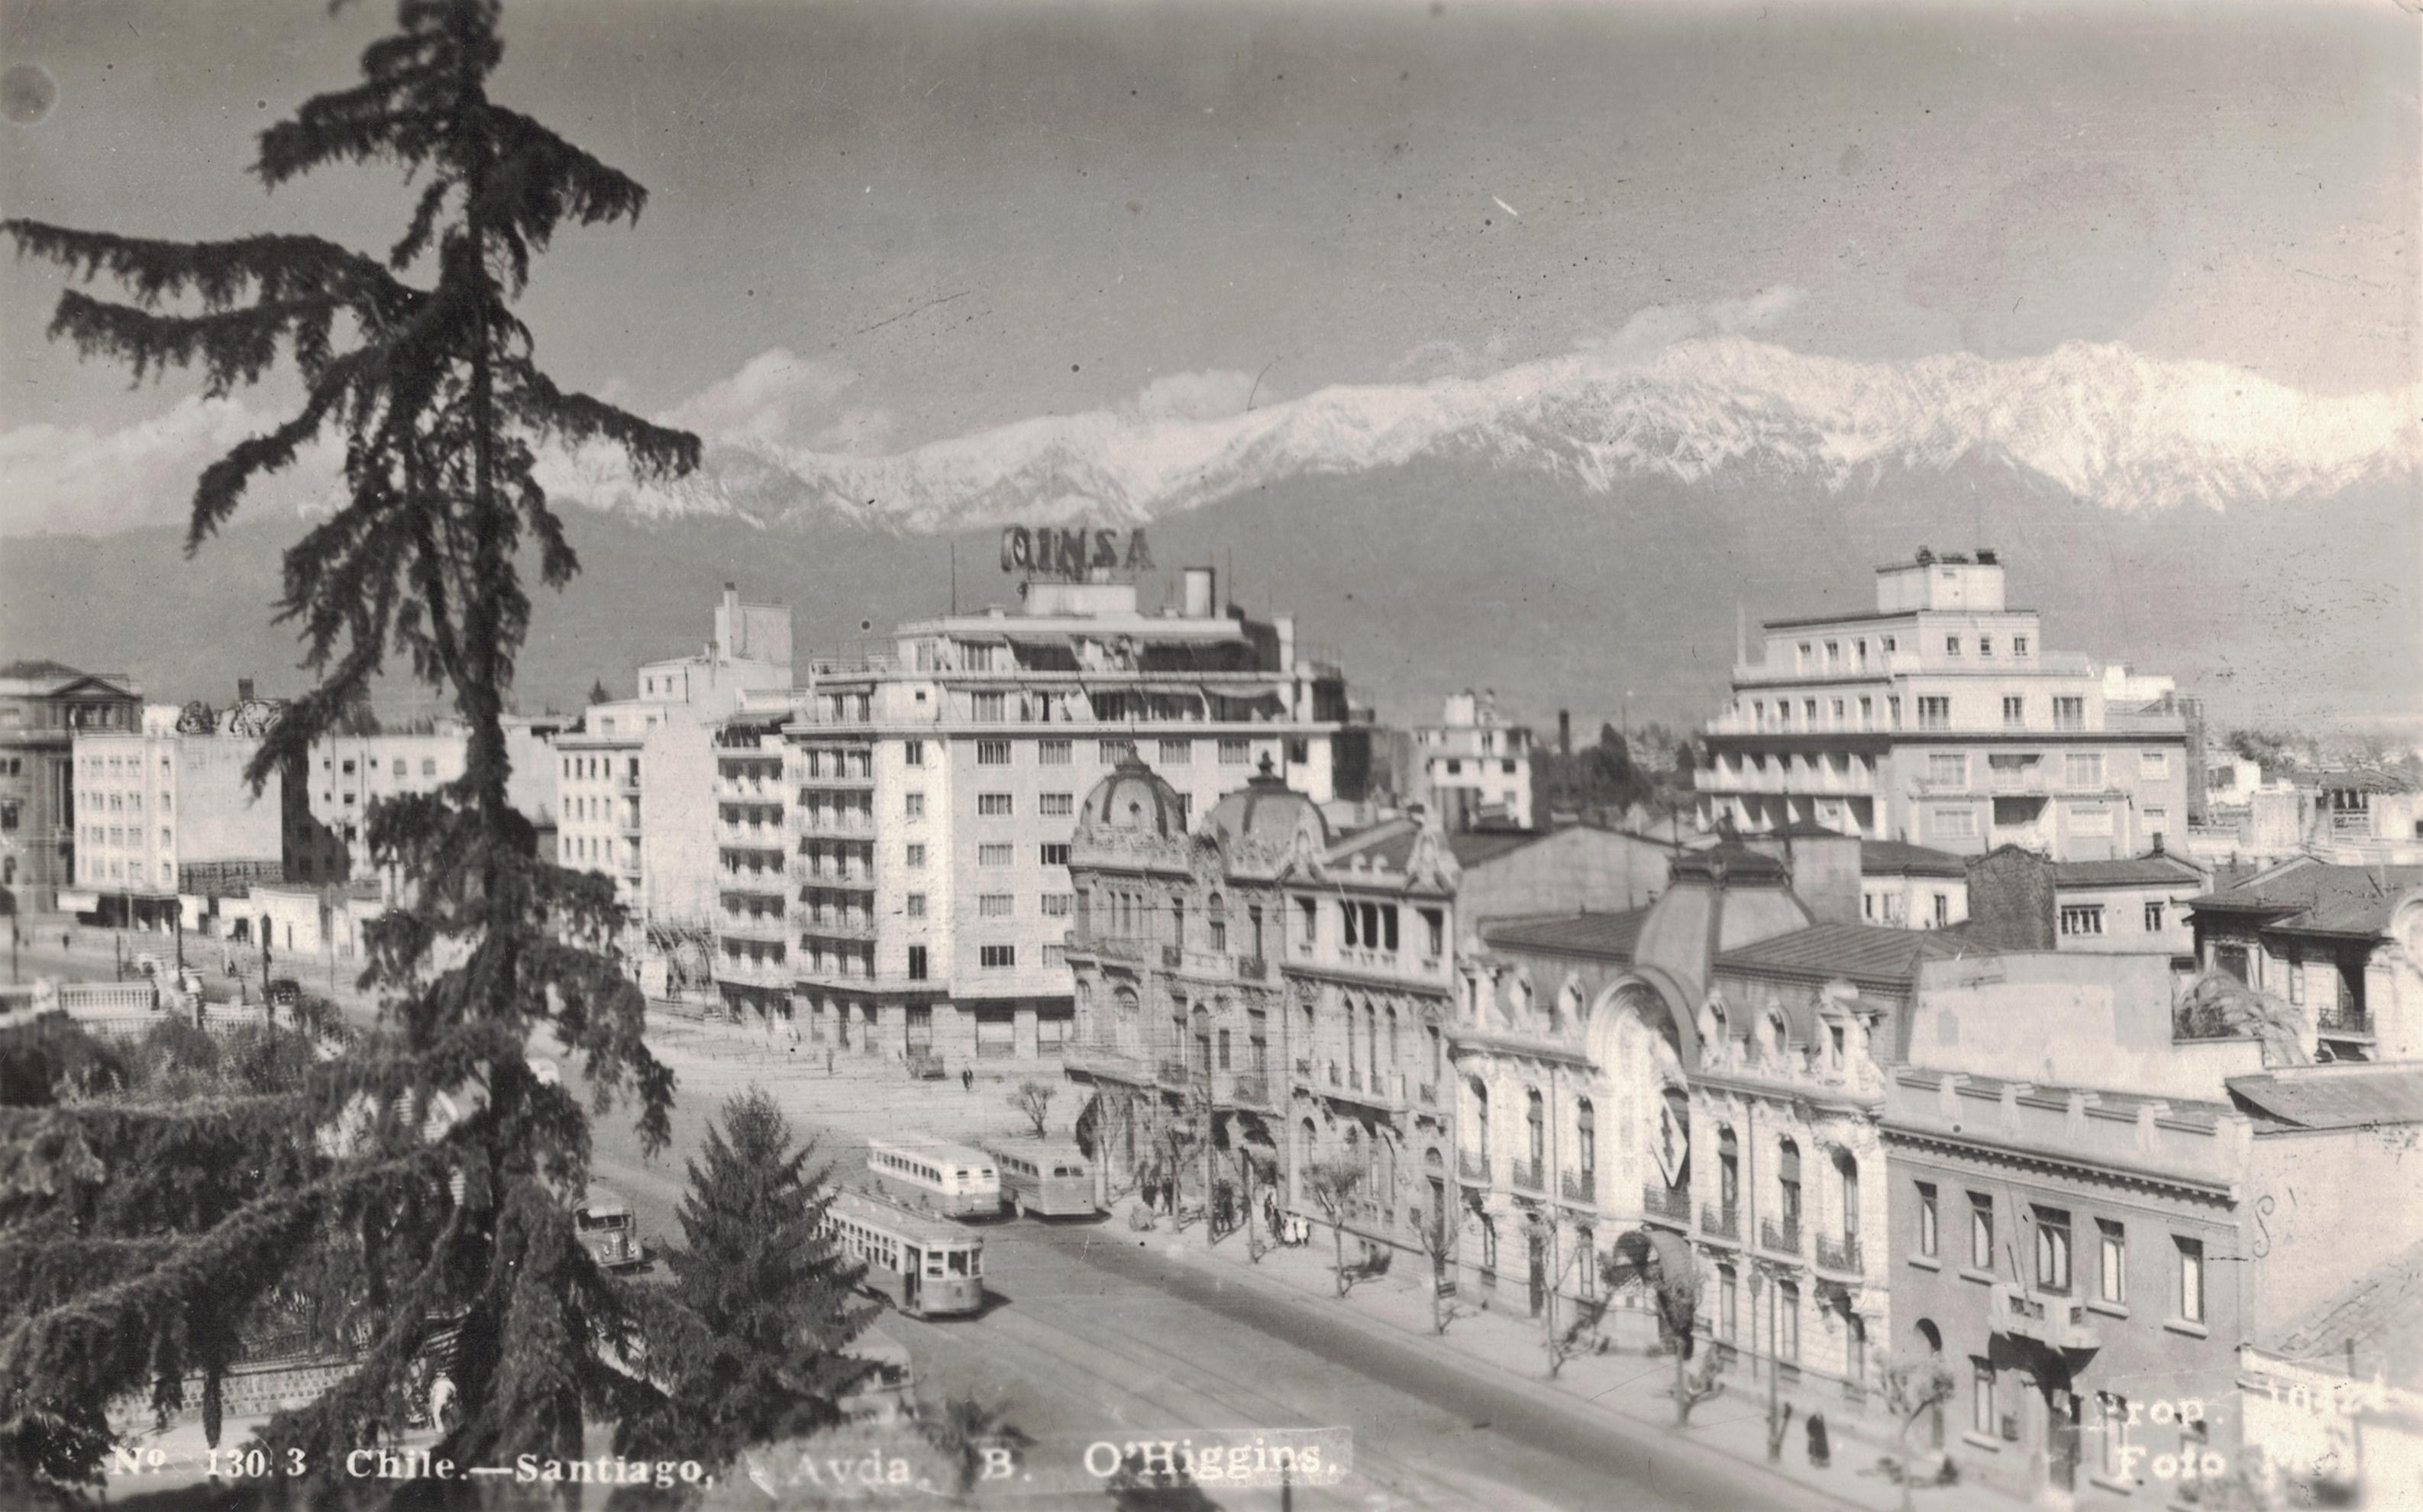 Enterreno - Fotos históricas de chile - fotos antiguas de Chile - Alameda desde la Biblioteca Nacional en los 40s